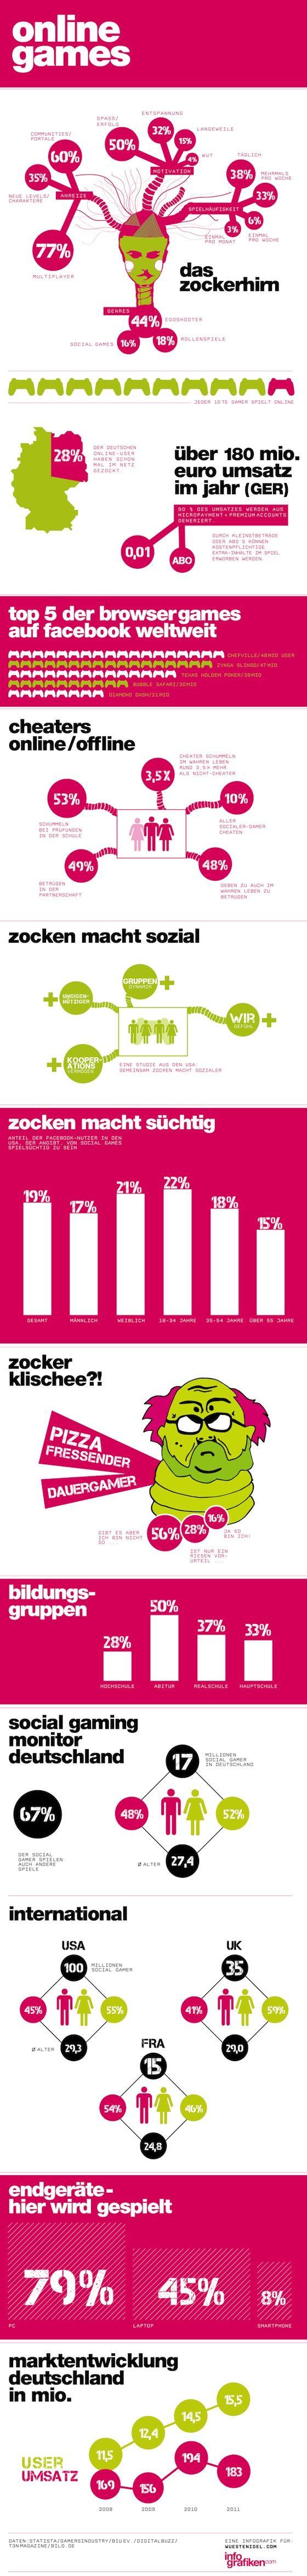 Onlinegames, Browsergames: wie tickt das Zockerhirn? #infografik